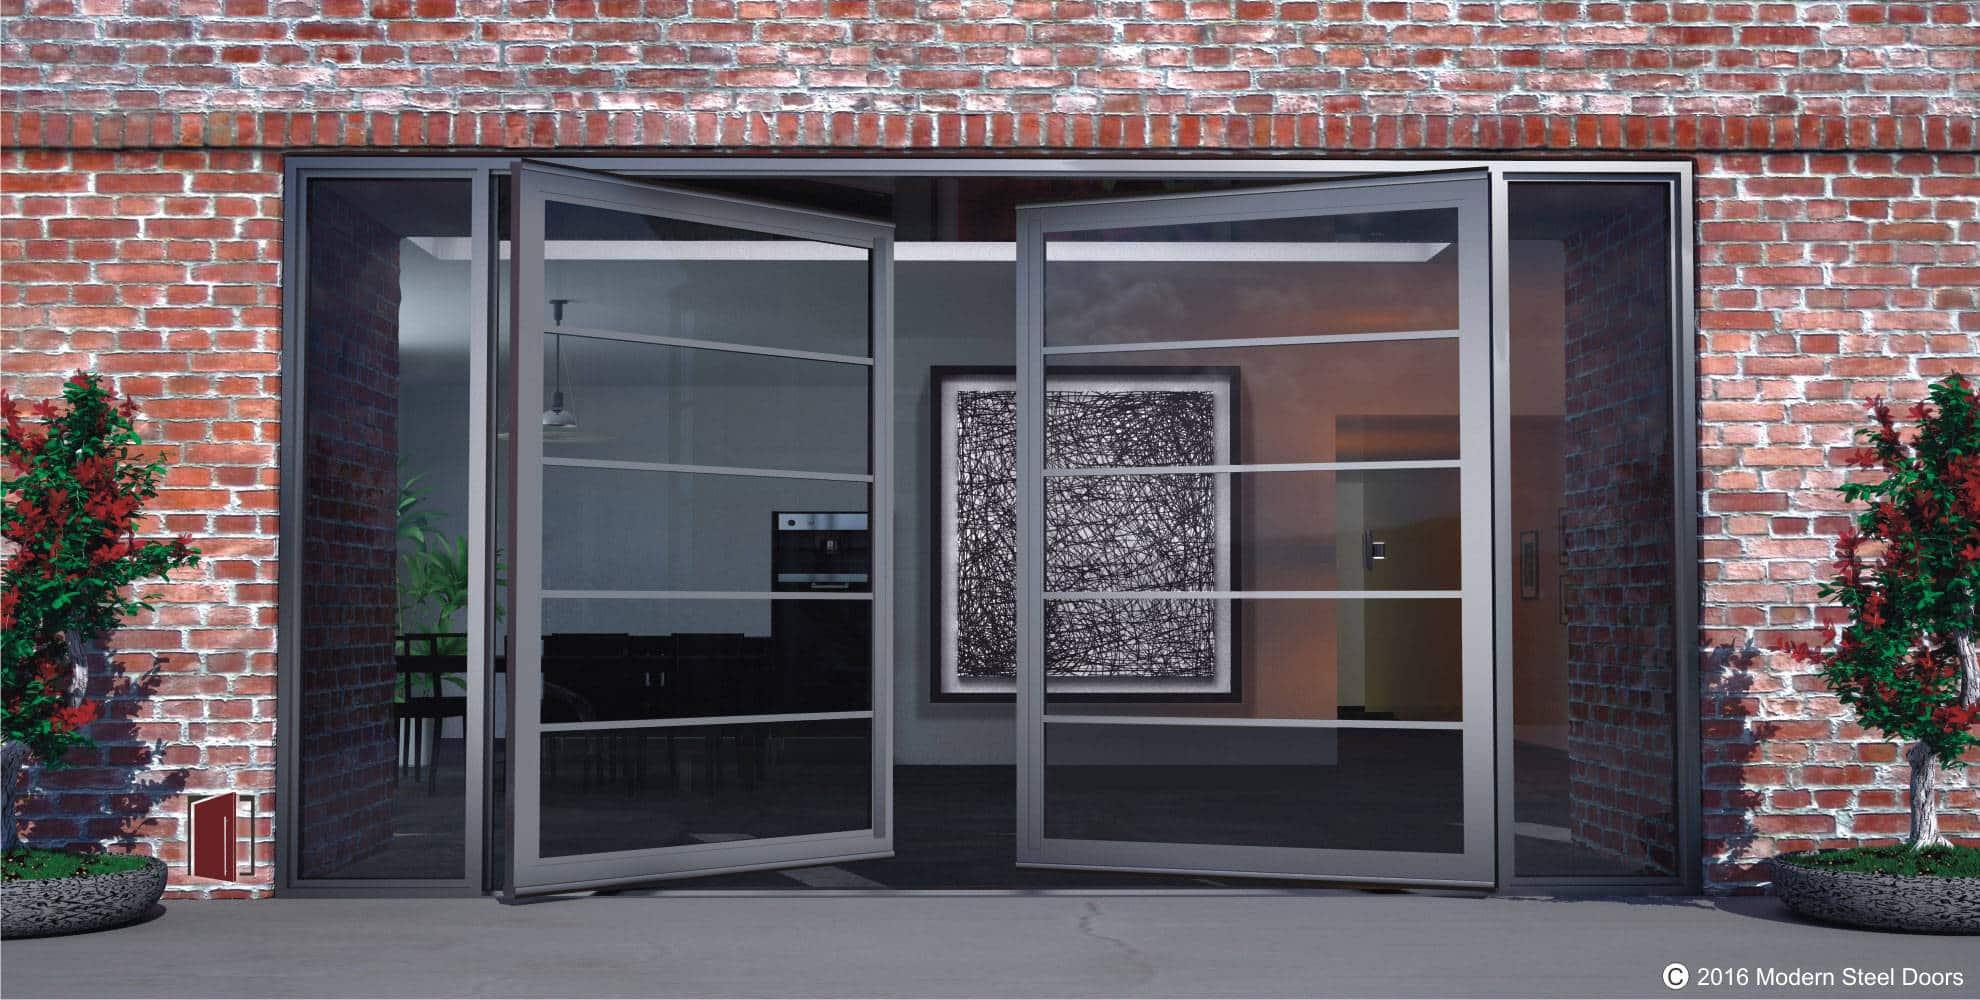 Exterior glass doors, front glass doors, pivoting steel doors with segmented glass panels double opening.